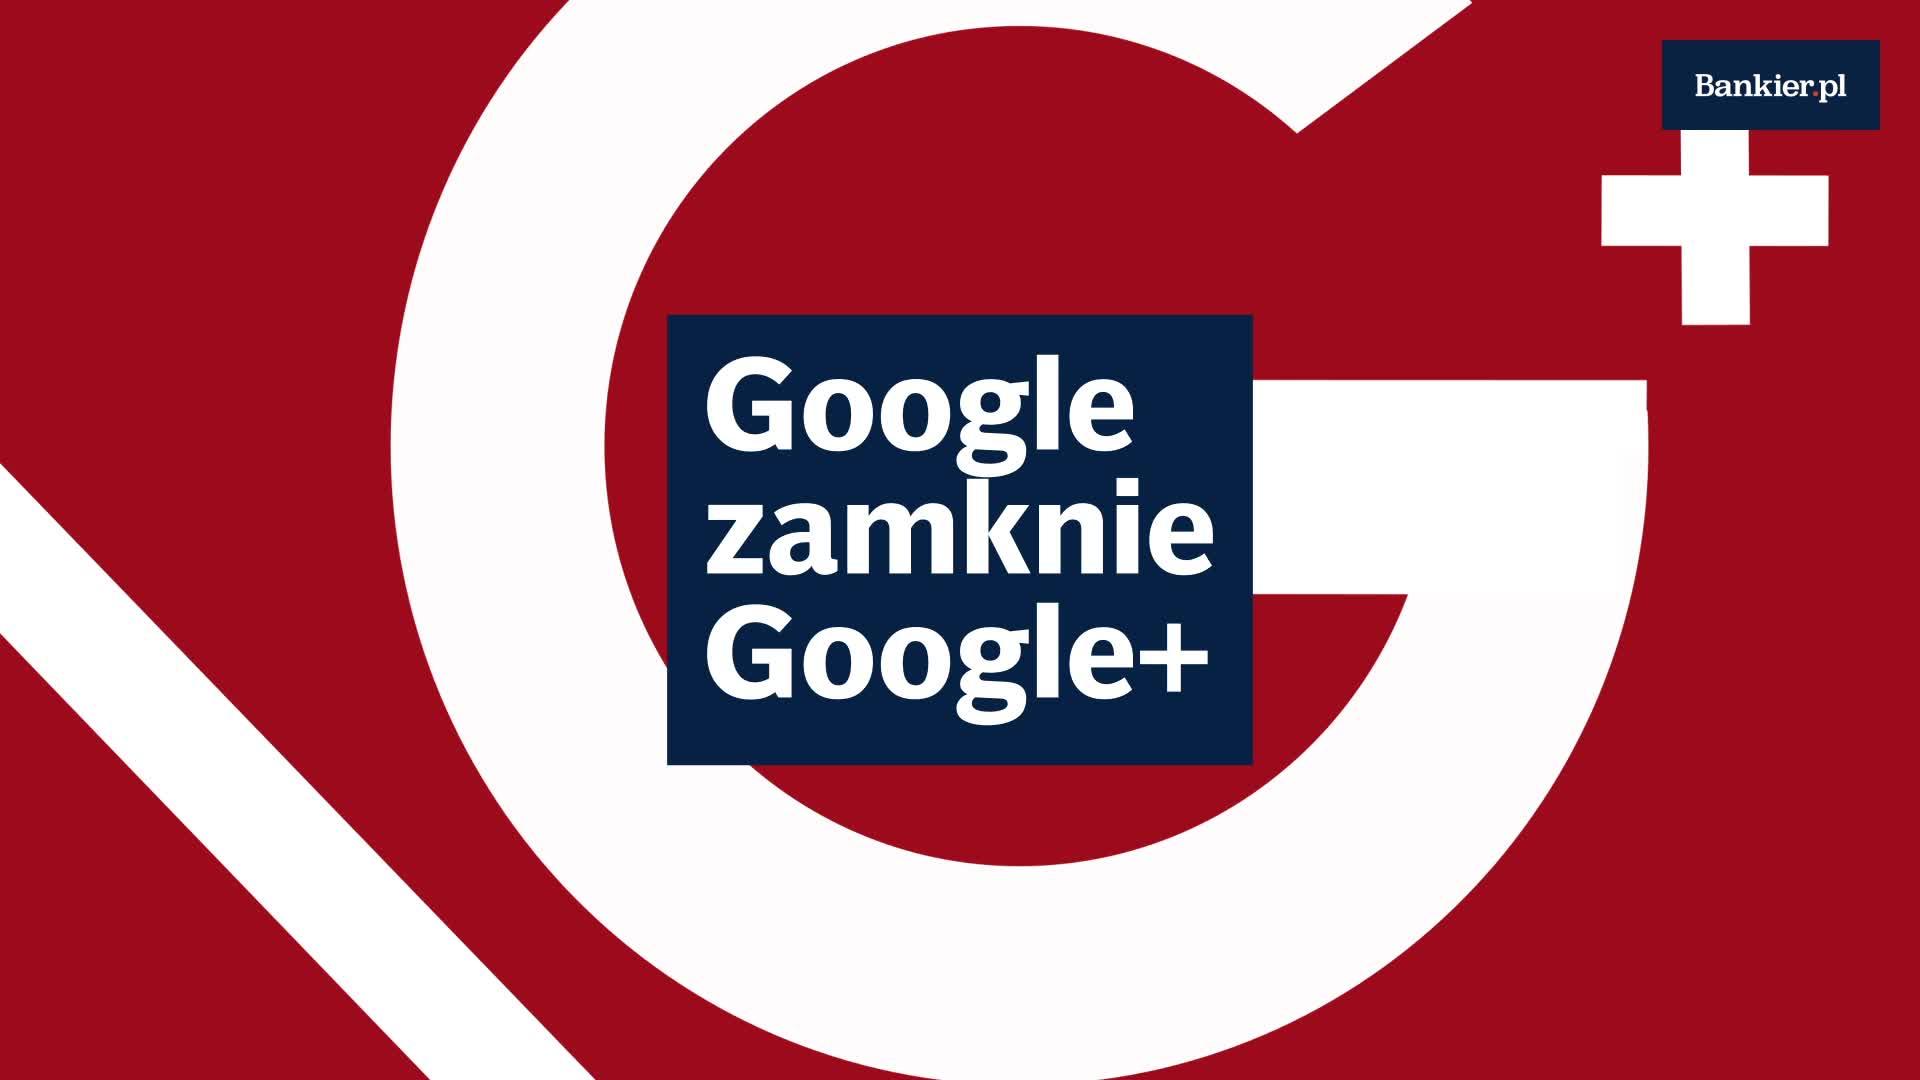 Google zamknie Google+